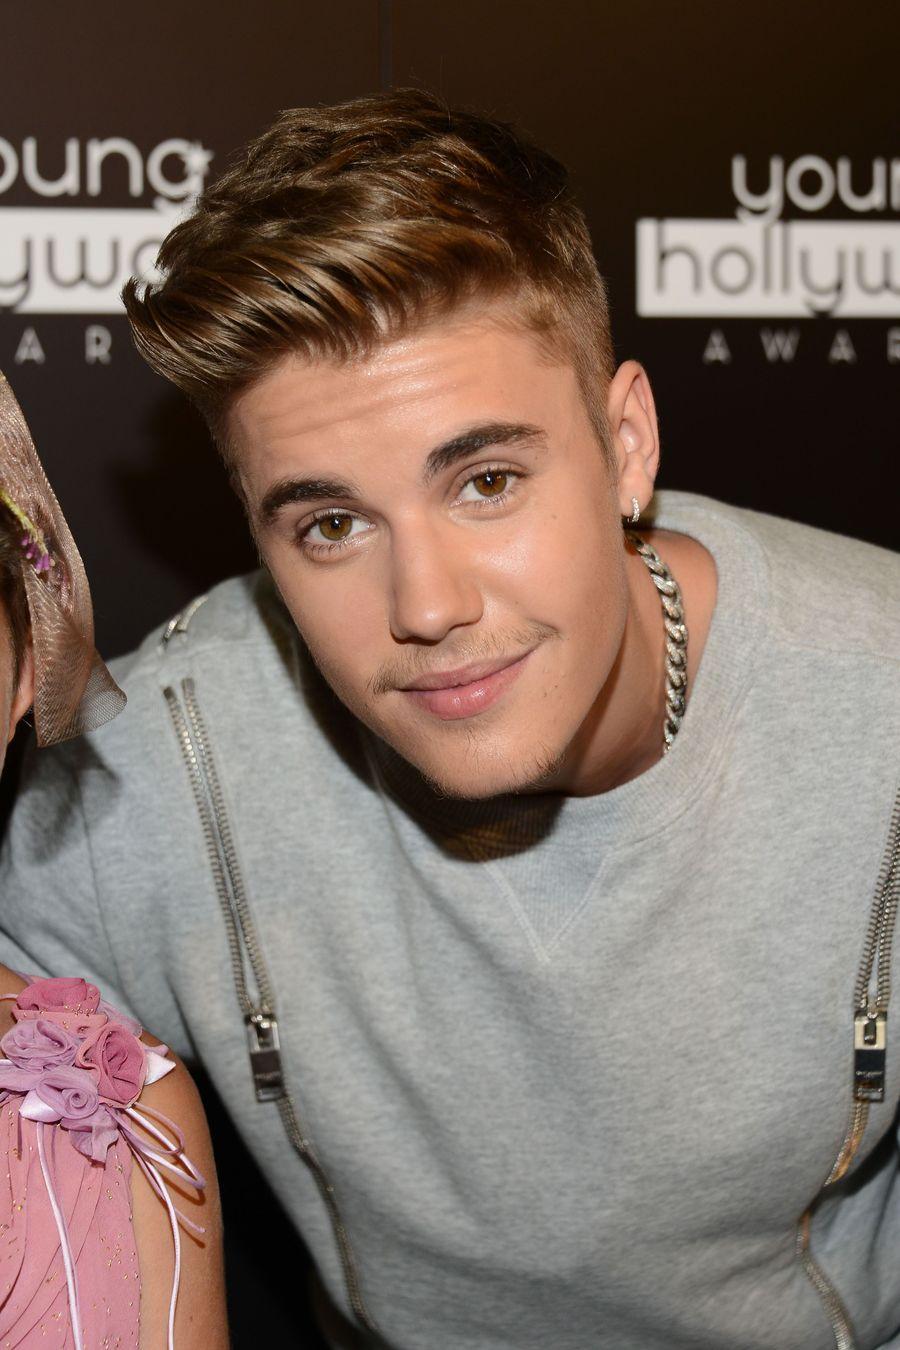 Evolusi Gaya Rambut Justin Bieber Dari Poni Lempar Hingga Cepak Foto 3